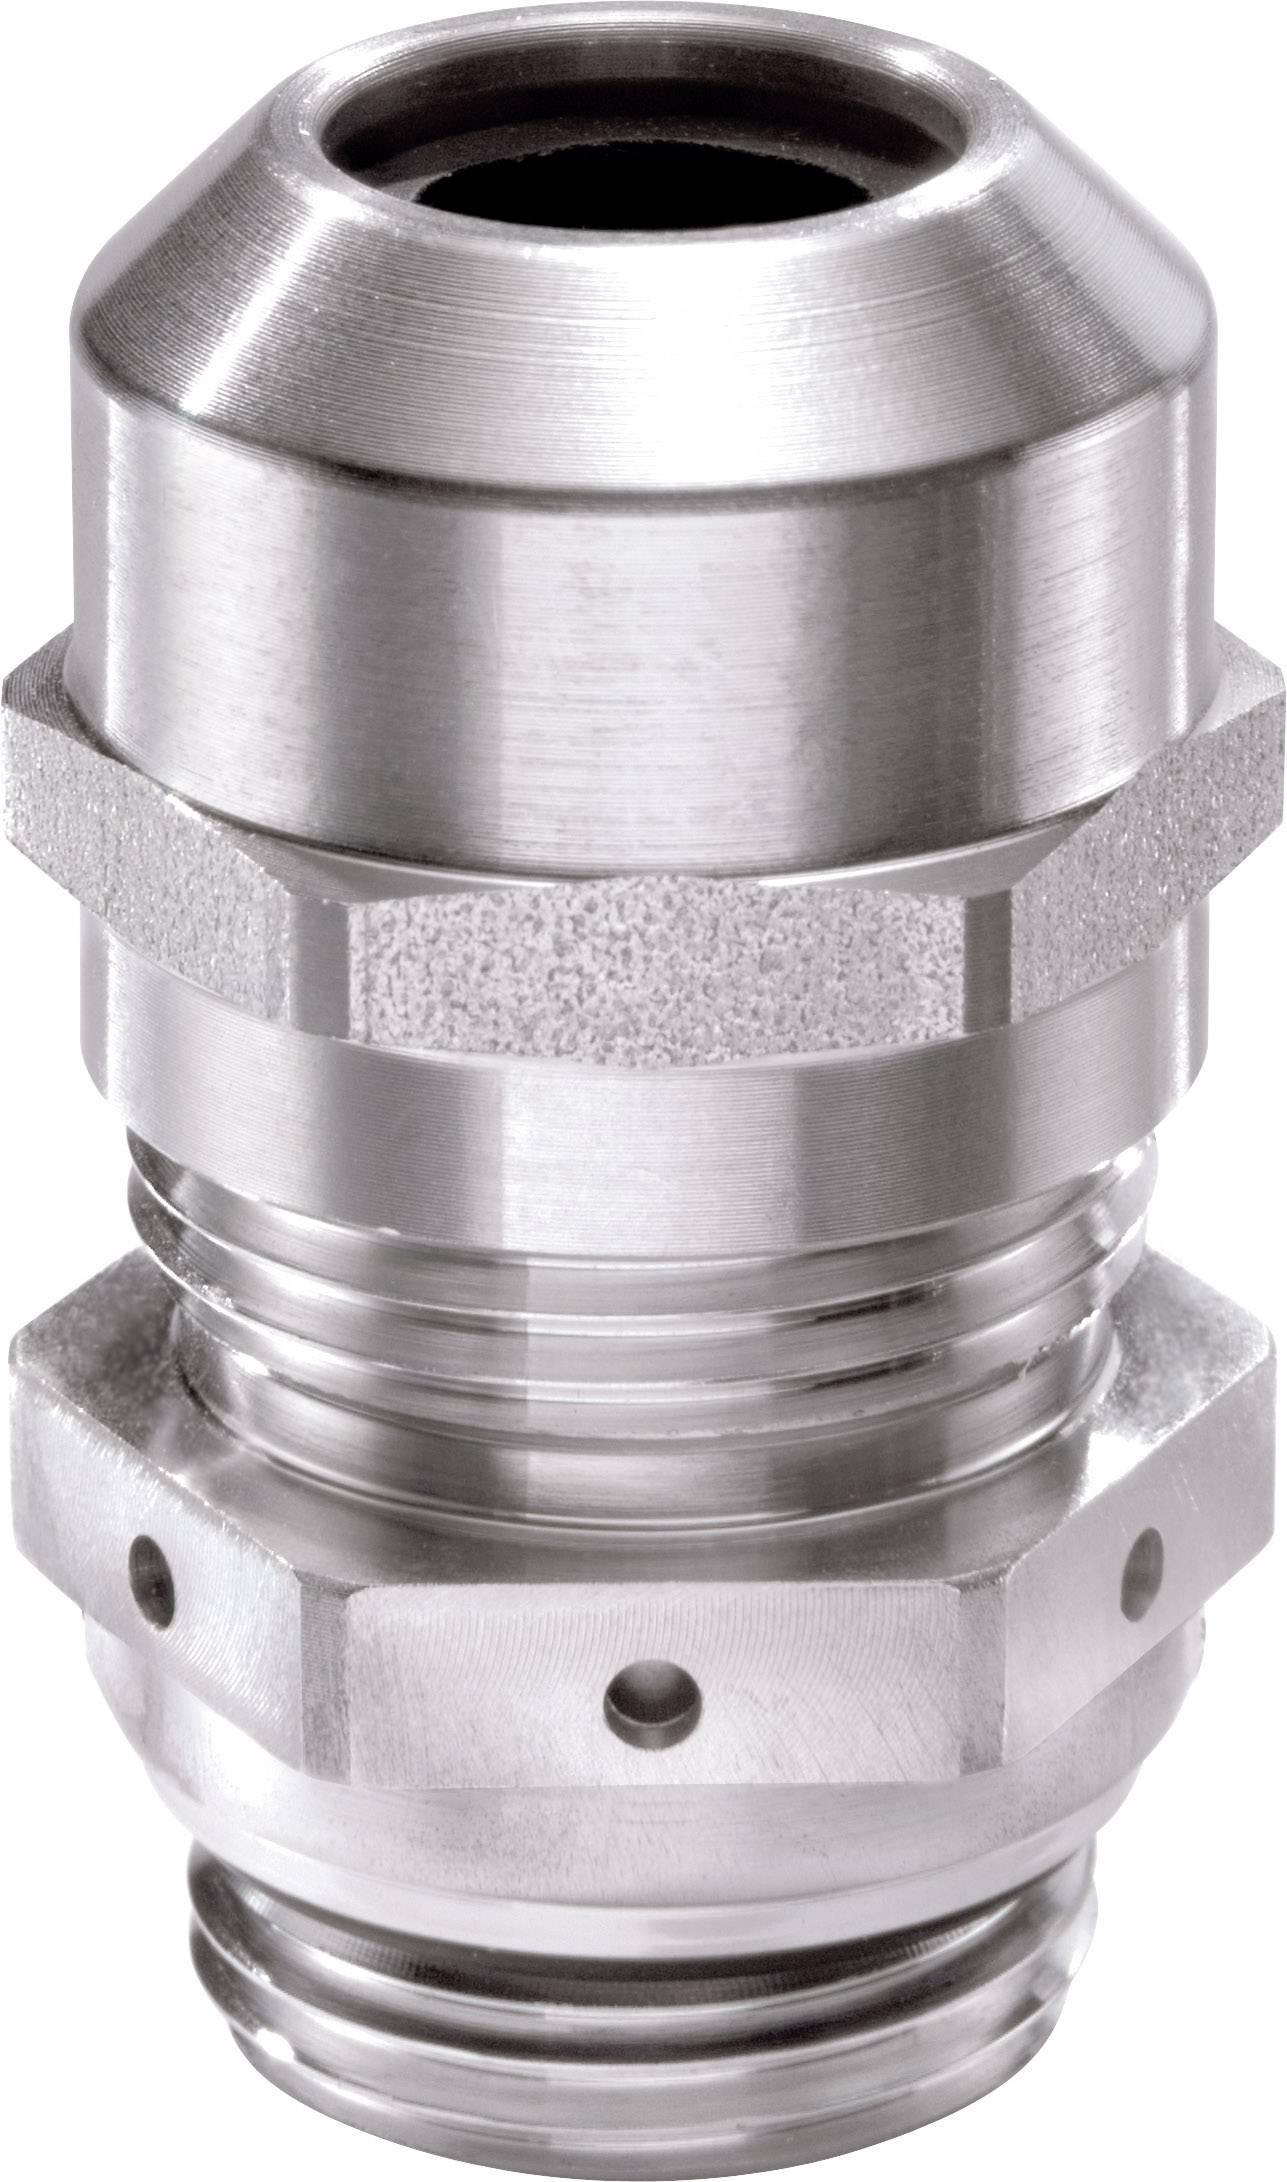 Šroubová kabelová spojka ESSVG 25